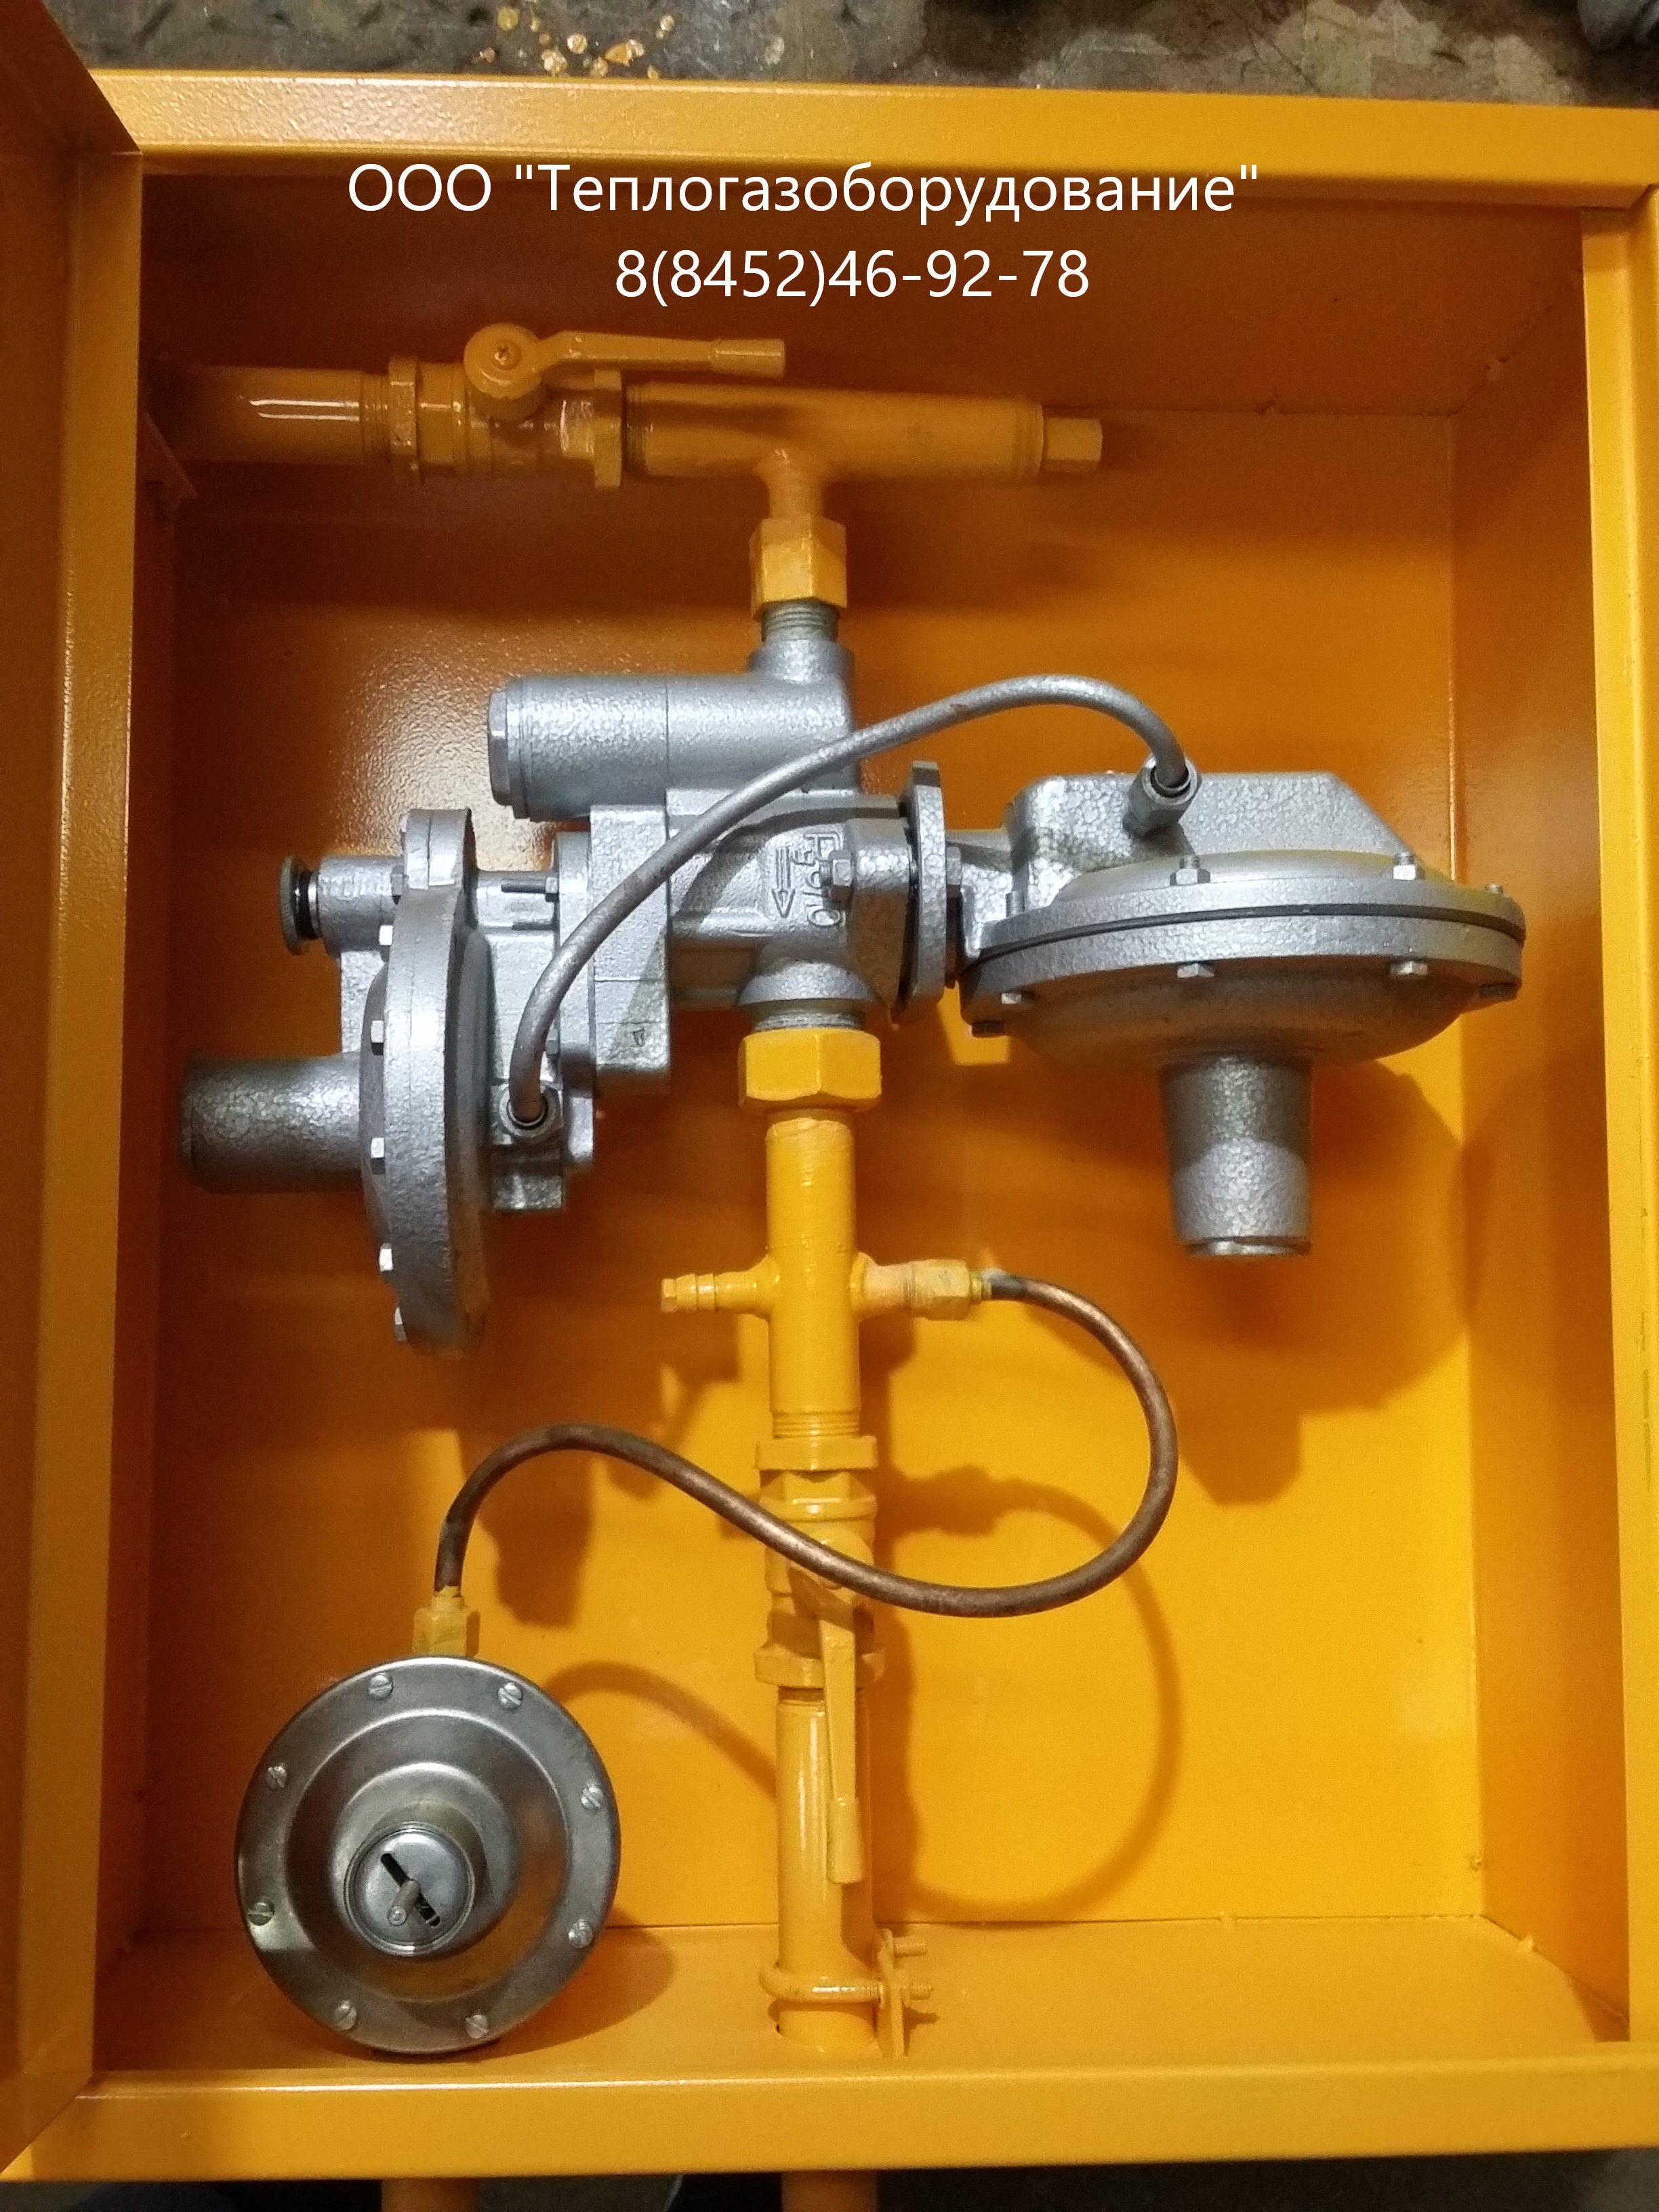 ГРПШ-10МС Газорегуляторный пункт